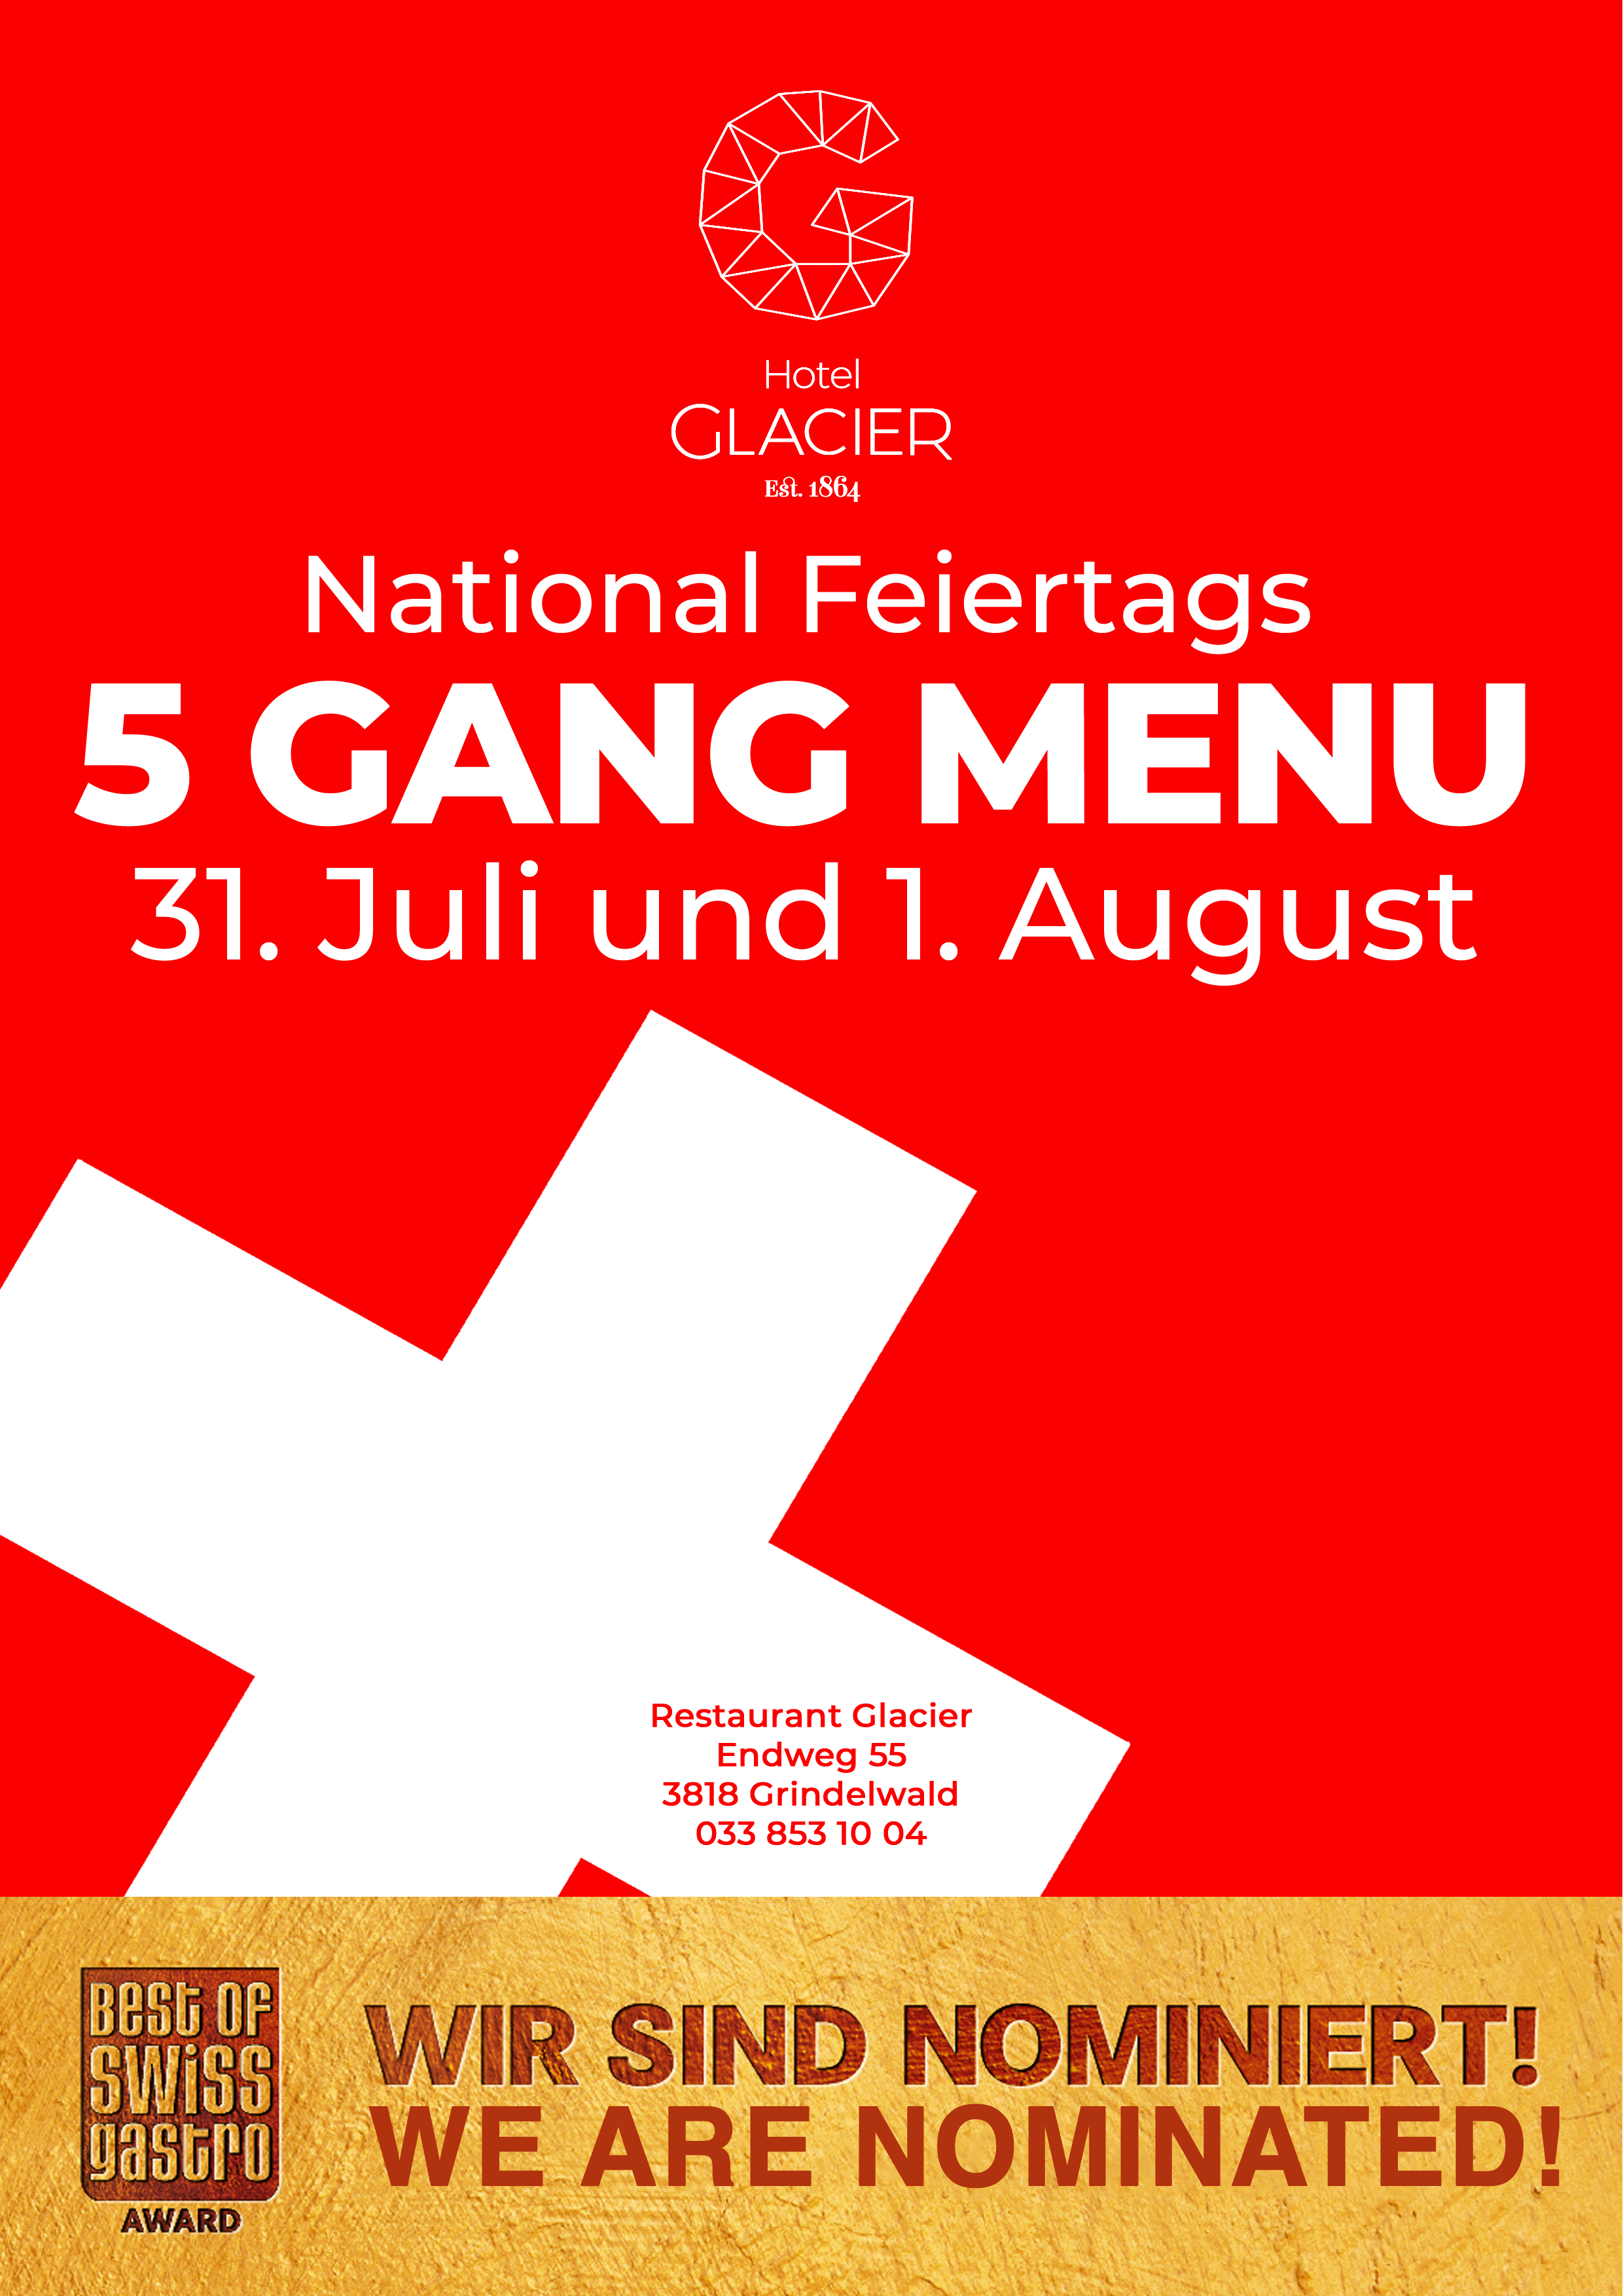 National Feiertags 5 Gang Menü